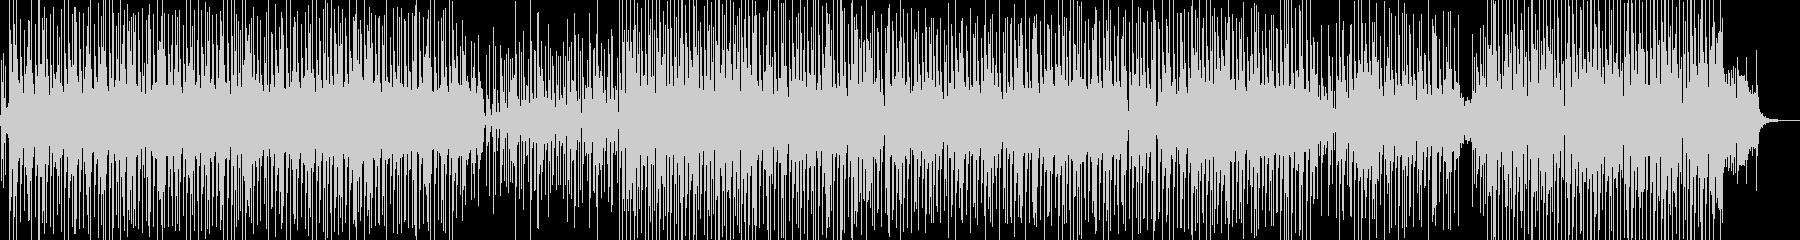 軽快・バカンスイメージのレゲェポップ ★の未再生の波形